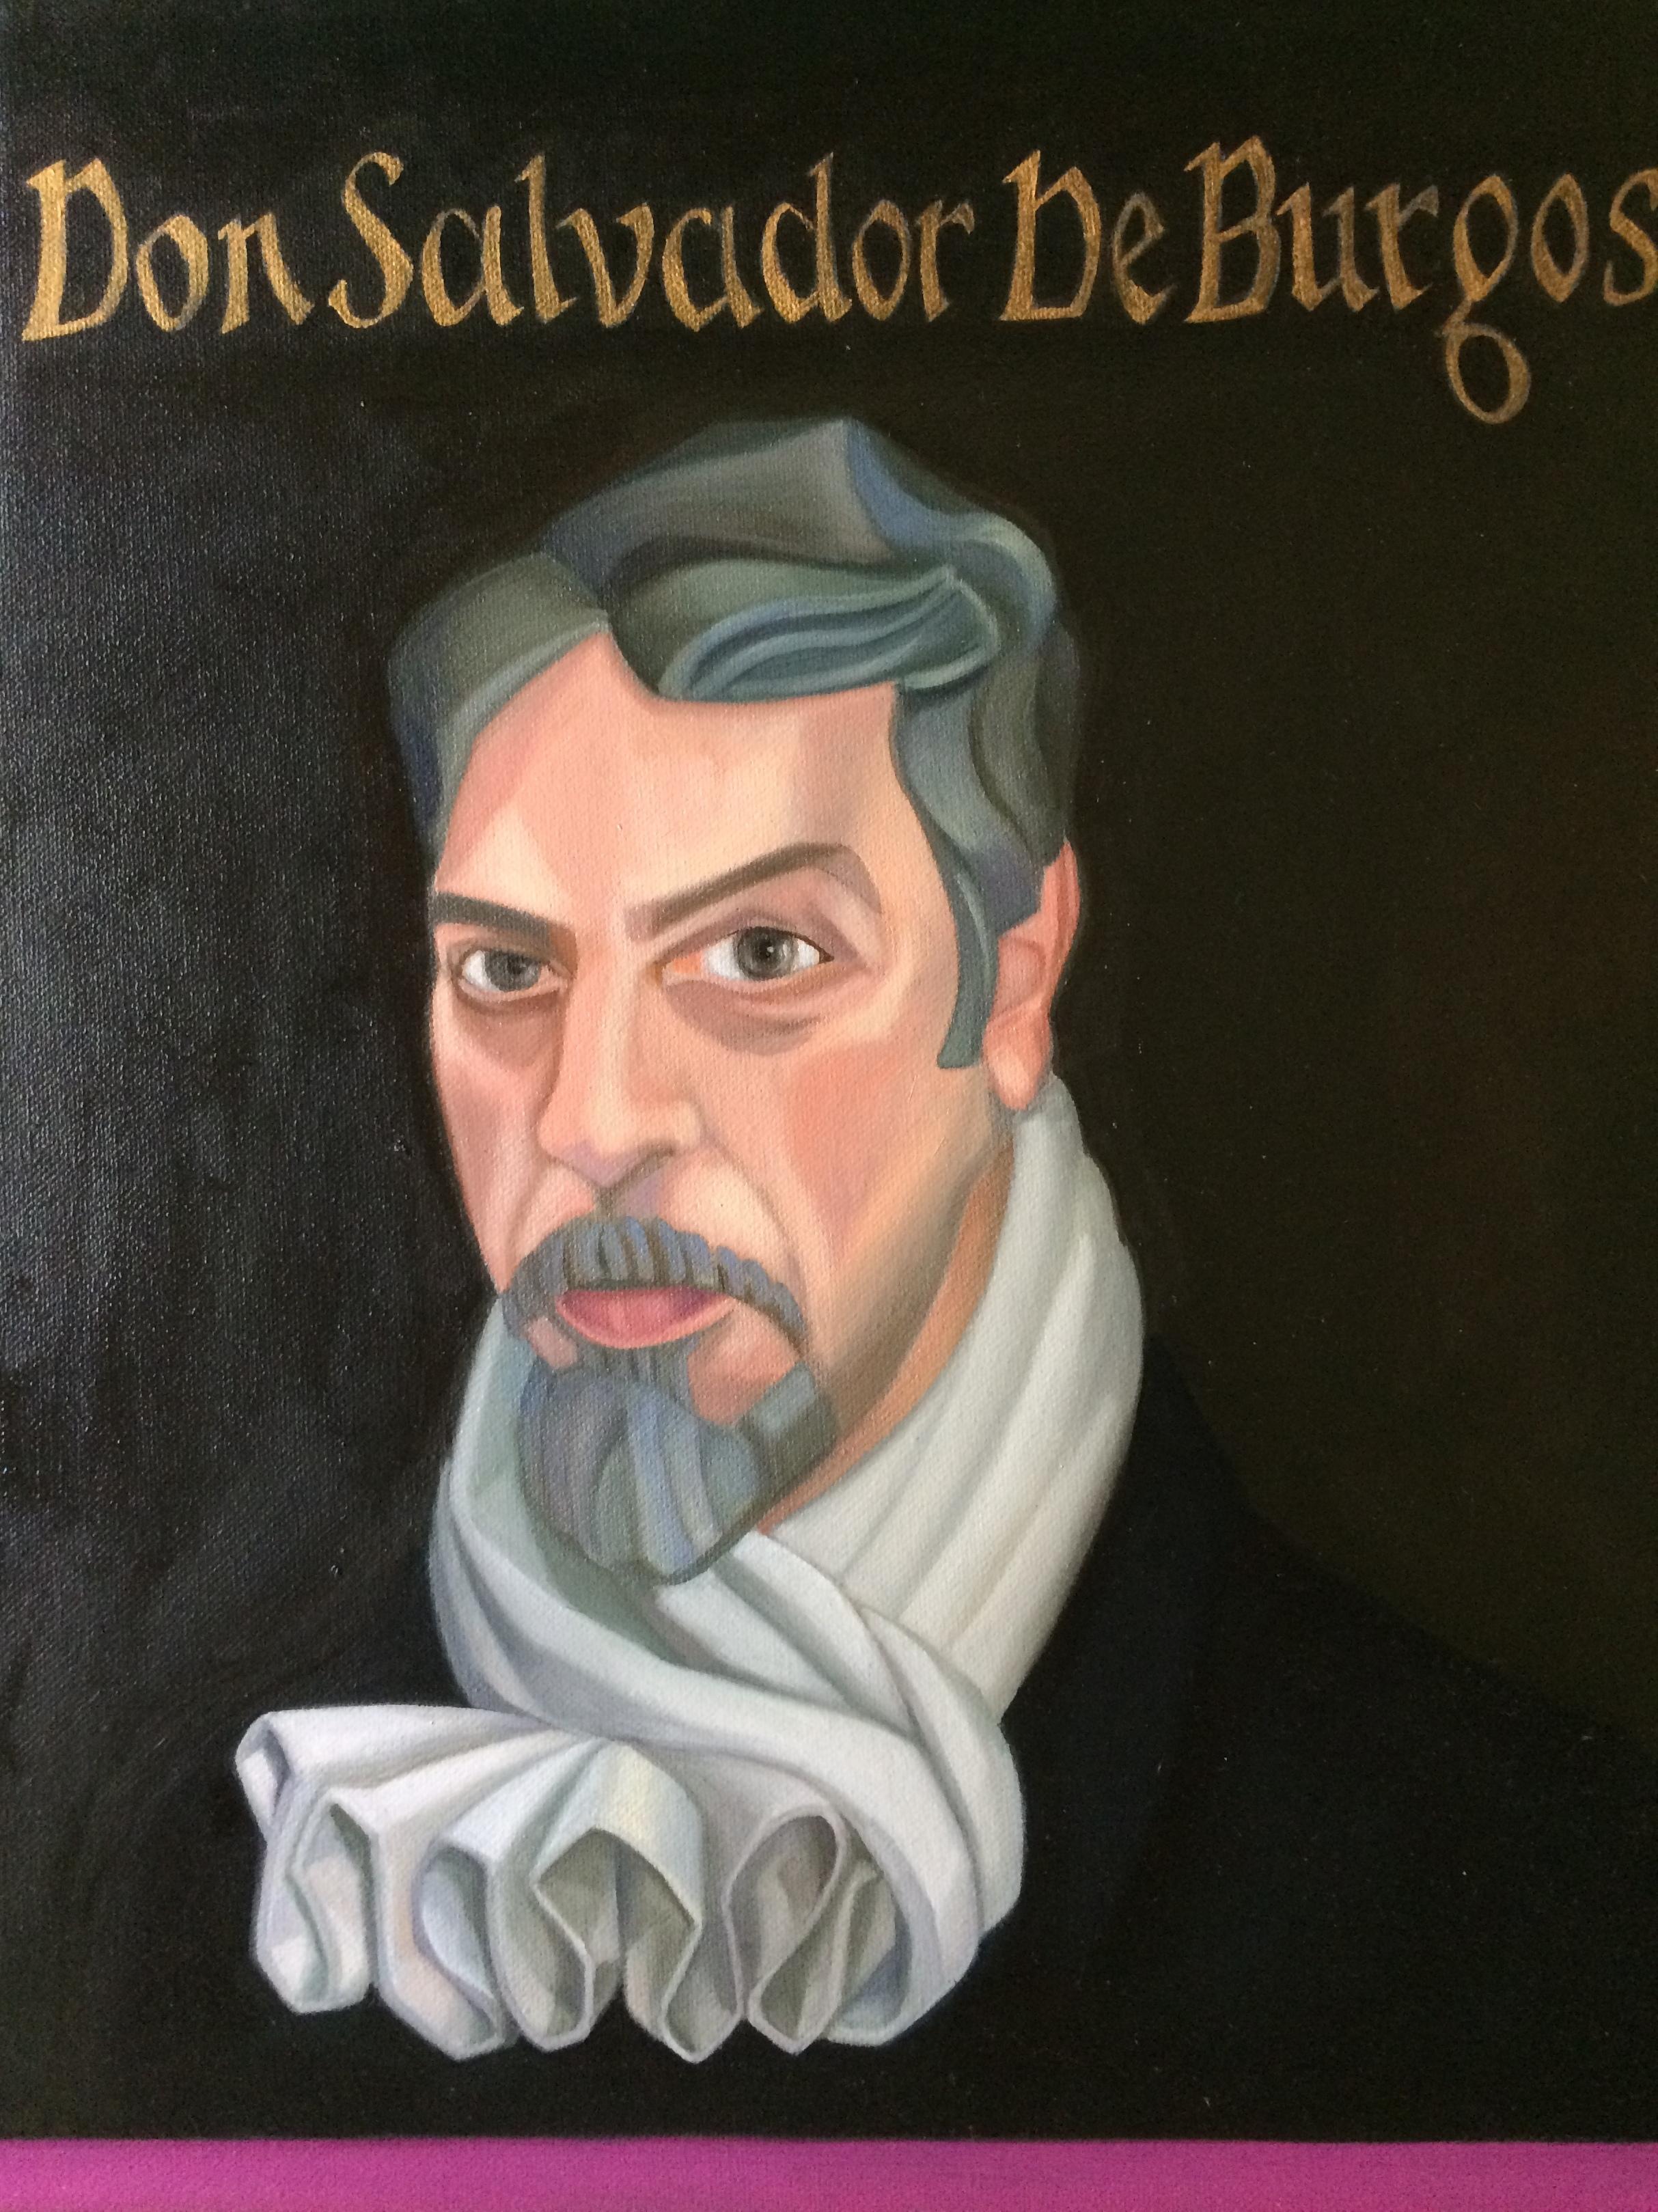 Don Salvador De Burgos